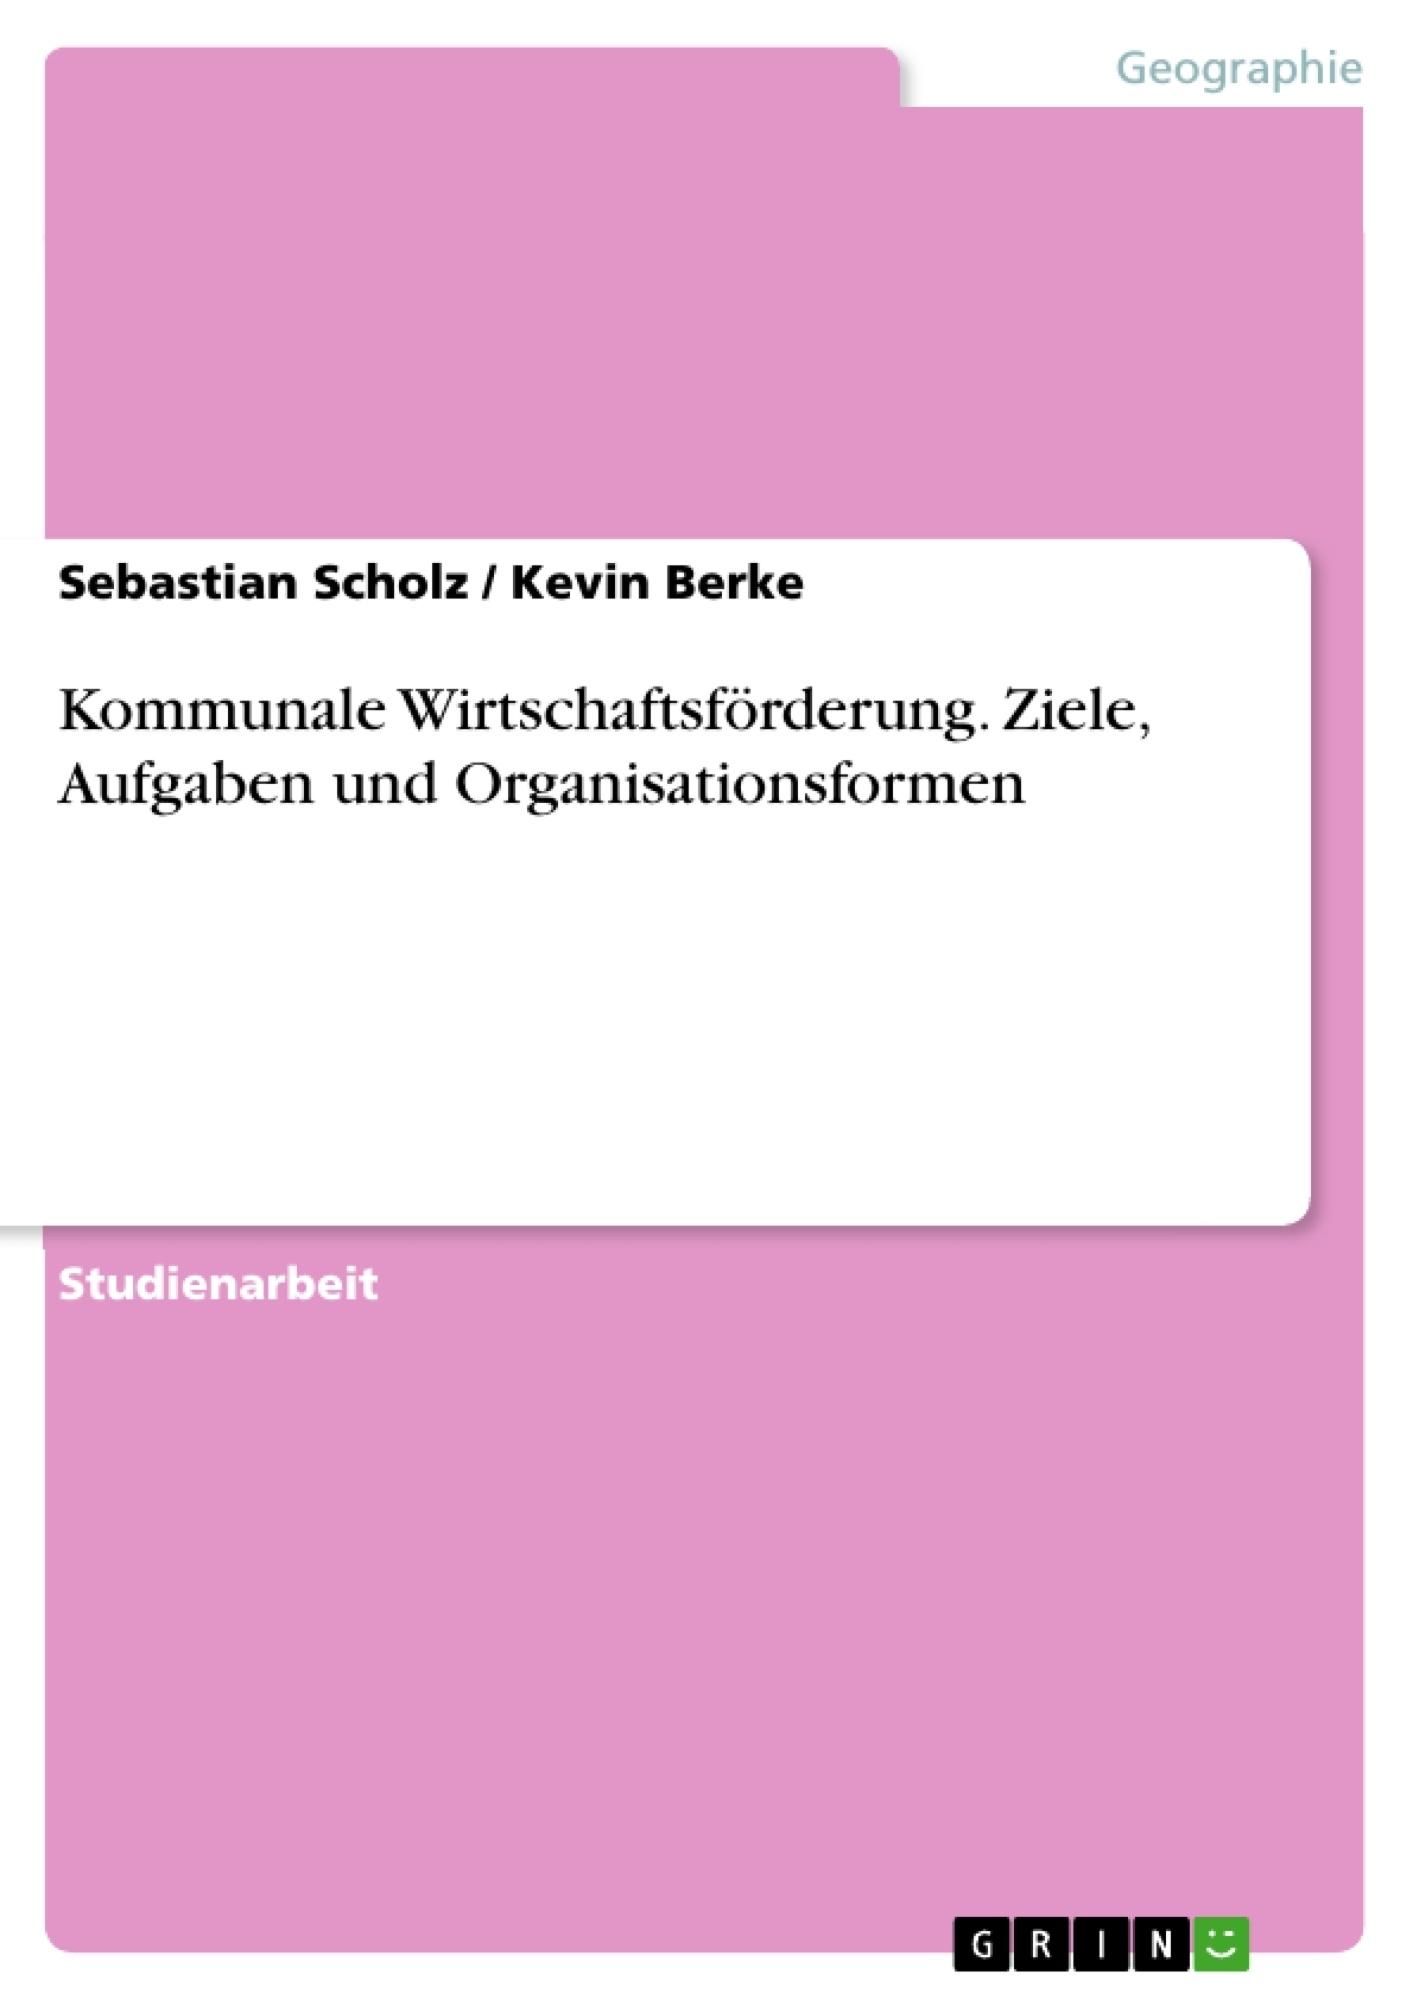 Titel: Kommunale Wirtschaftsförderung. Ziele, Aufgaben und Organisationsformen